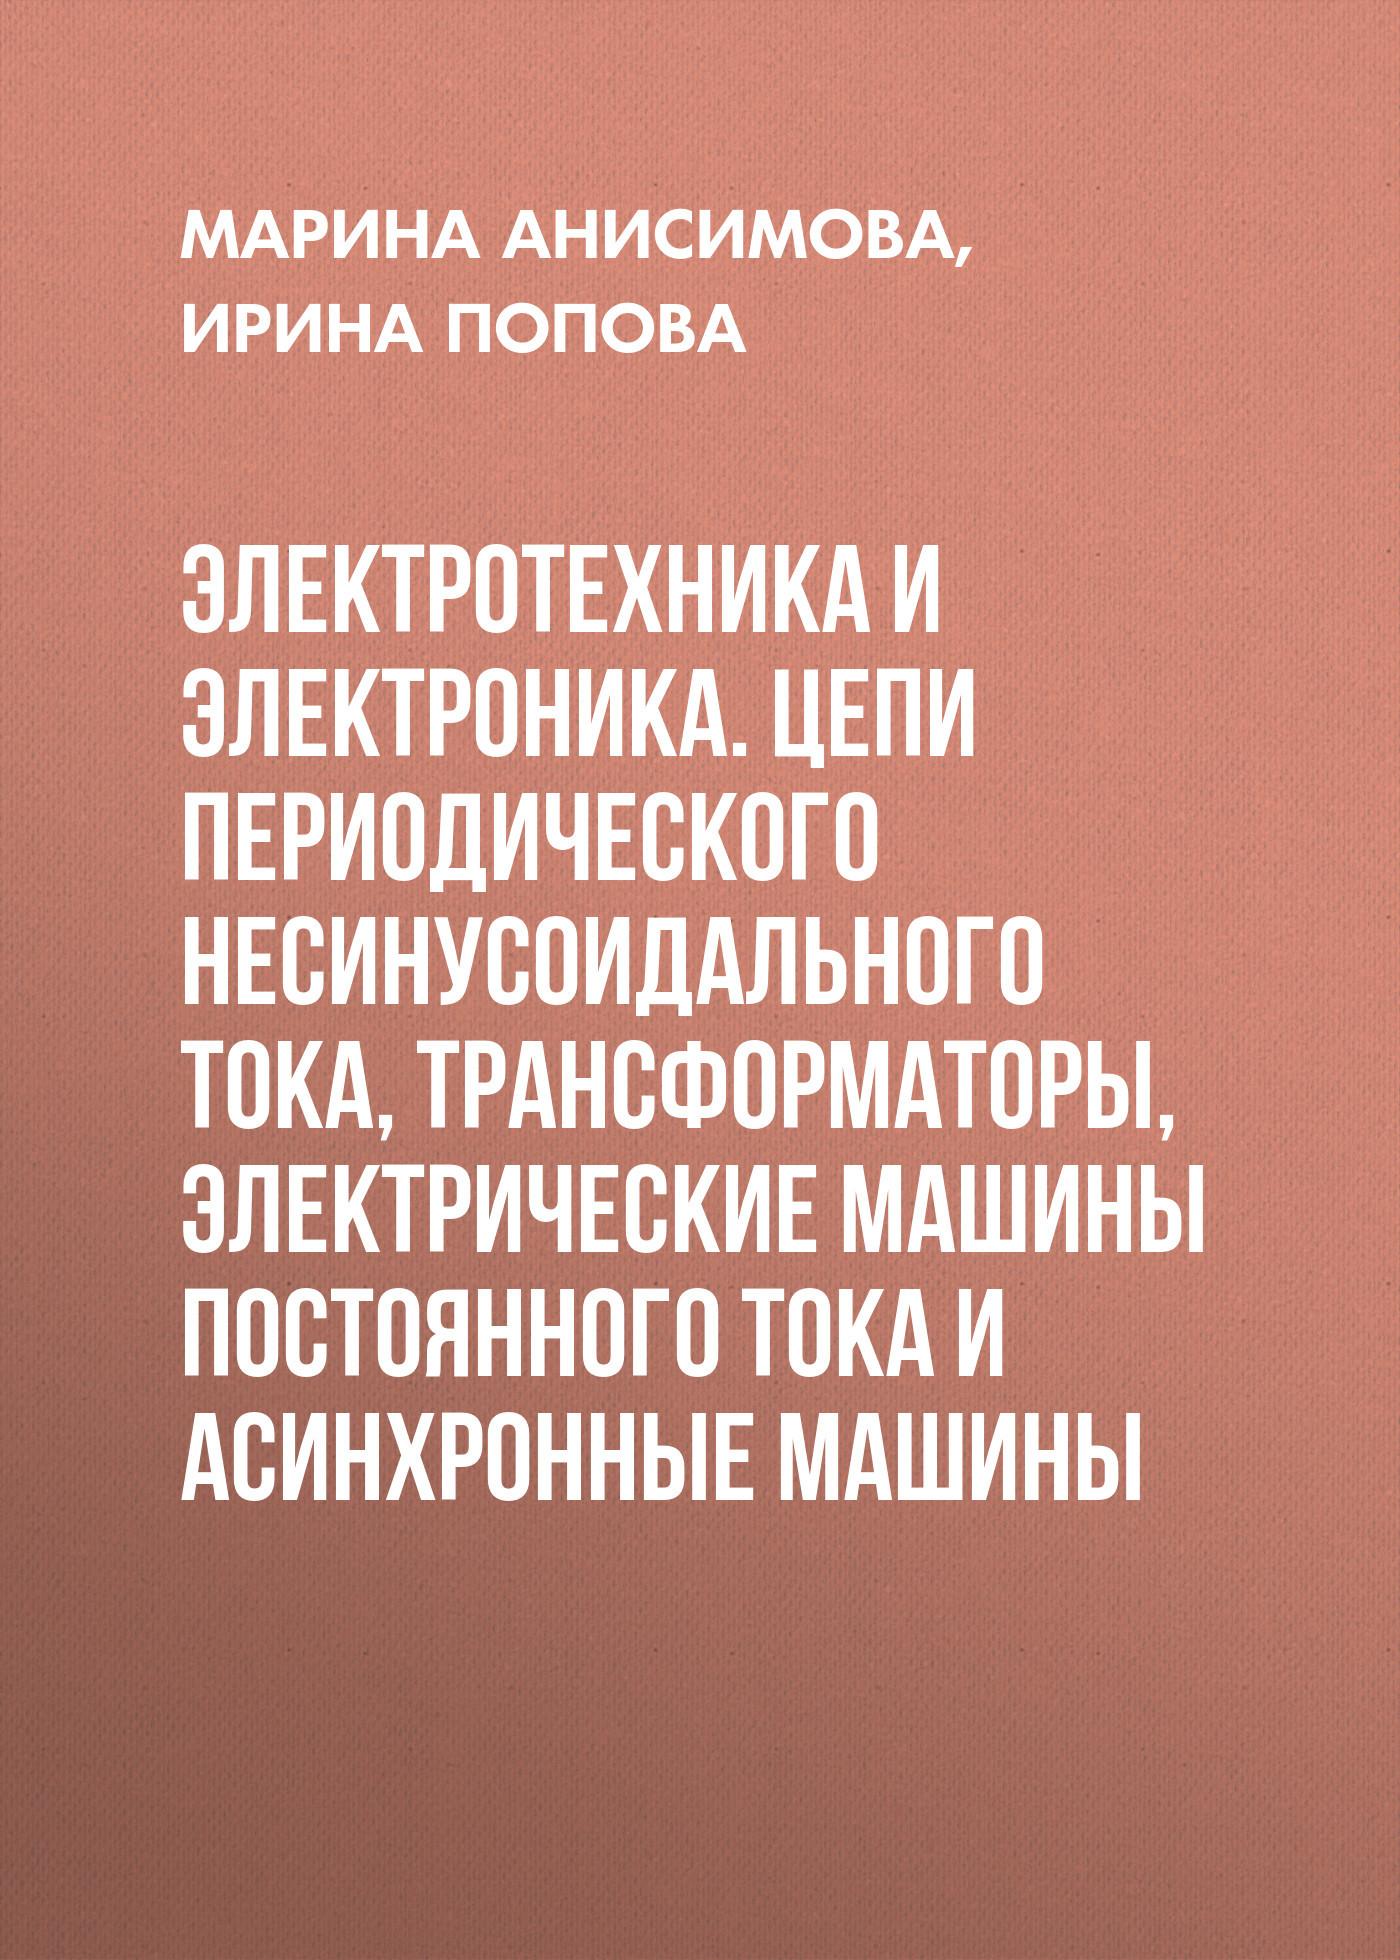 Марина Анисимова Электротехника и электроника. Цепи периодического несинусоидального тока, трансформаторы, электрические машины постоянного тока и асинхронные машины